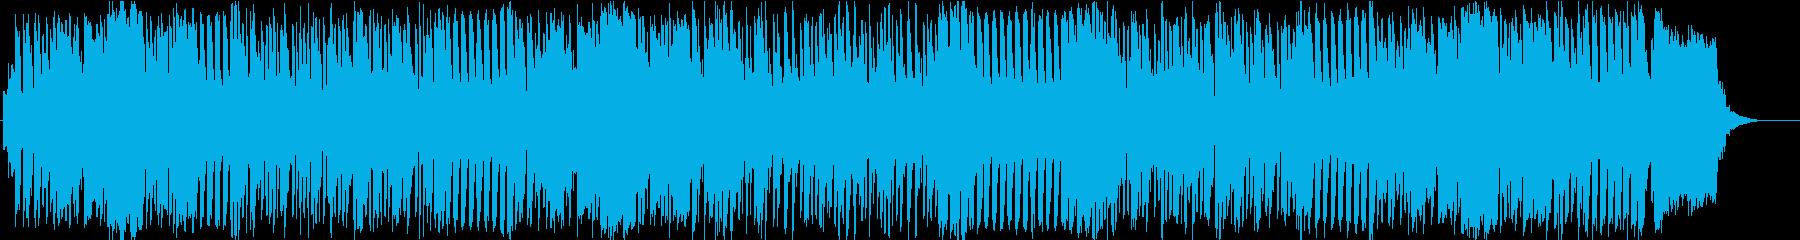 ほのぼの明るい子供小動物向けBGMの再生済みの波形